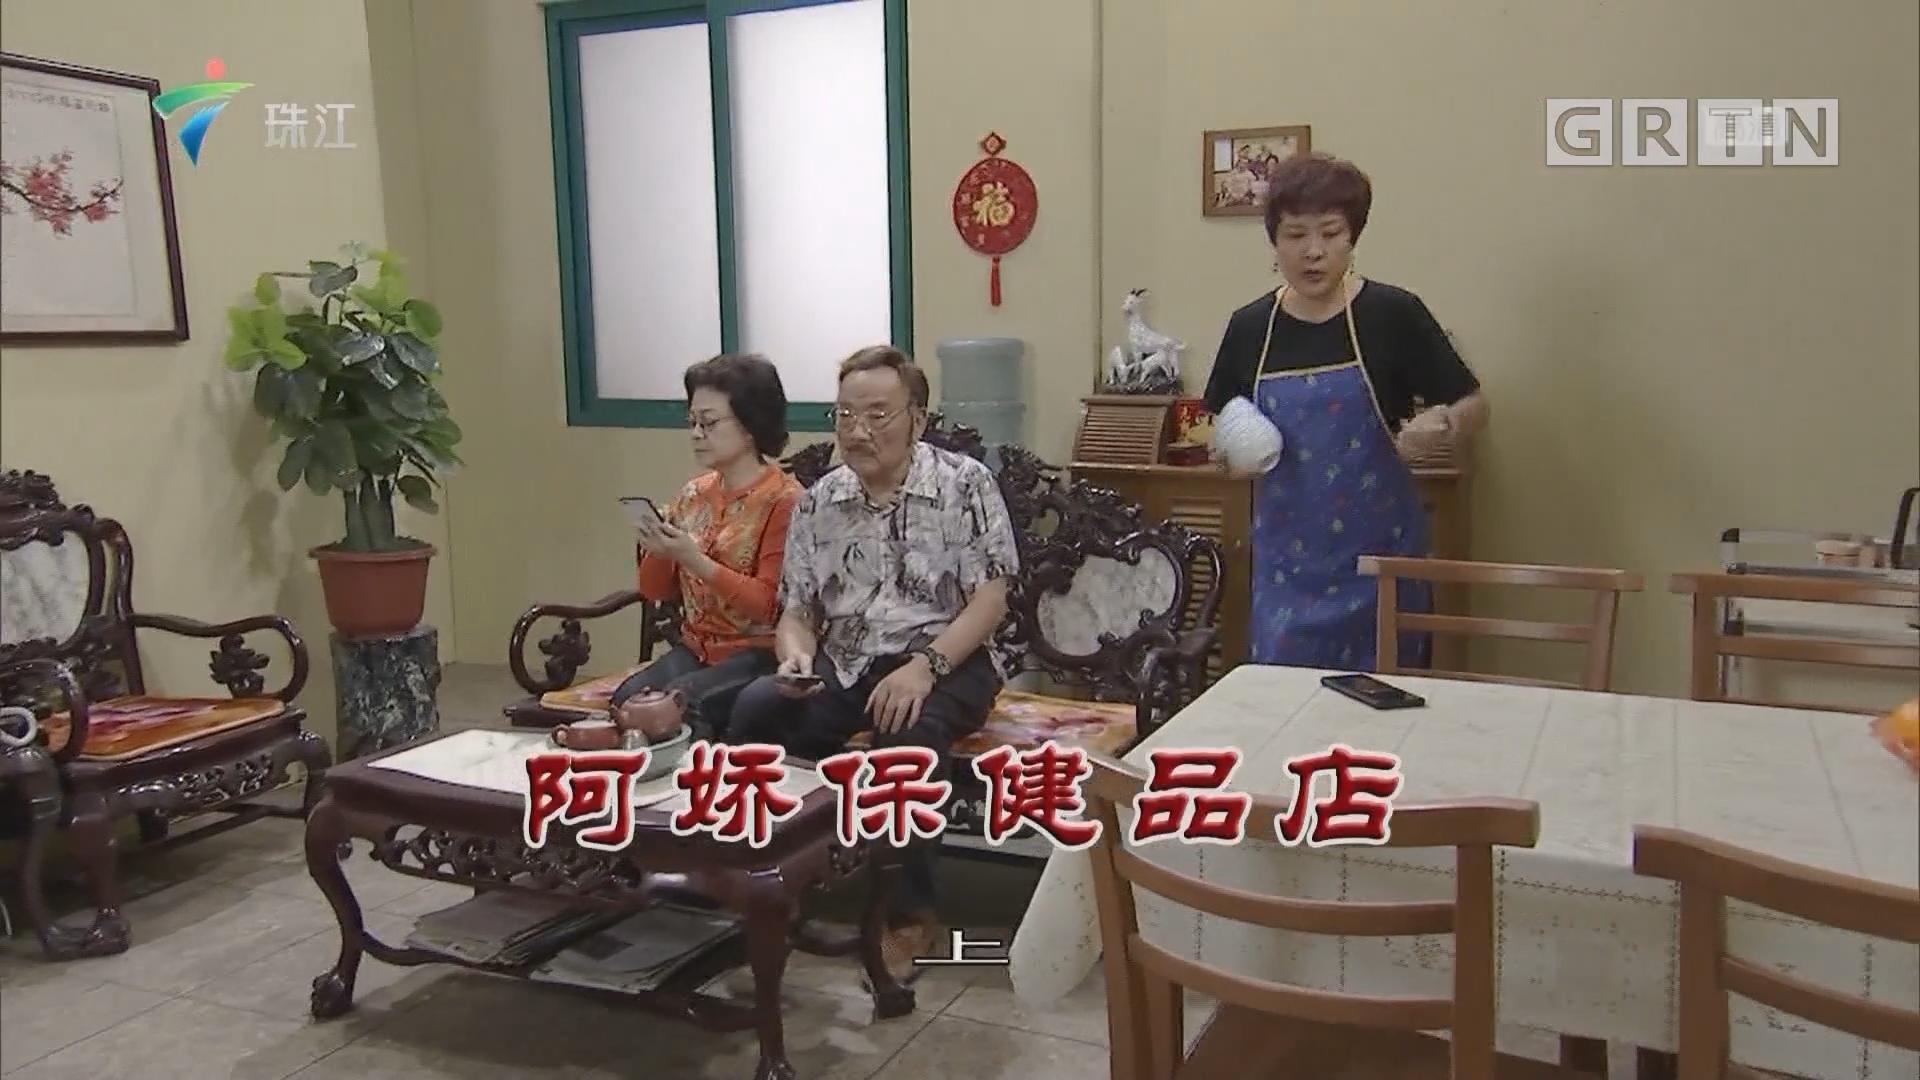 [HD][2019-10-06]外来媳妇本地郎:阿娇保健品店(上)